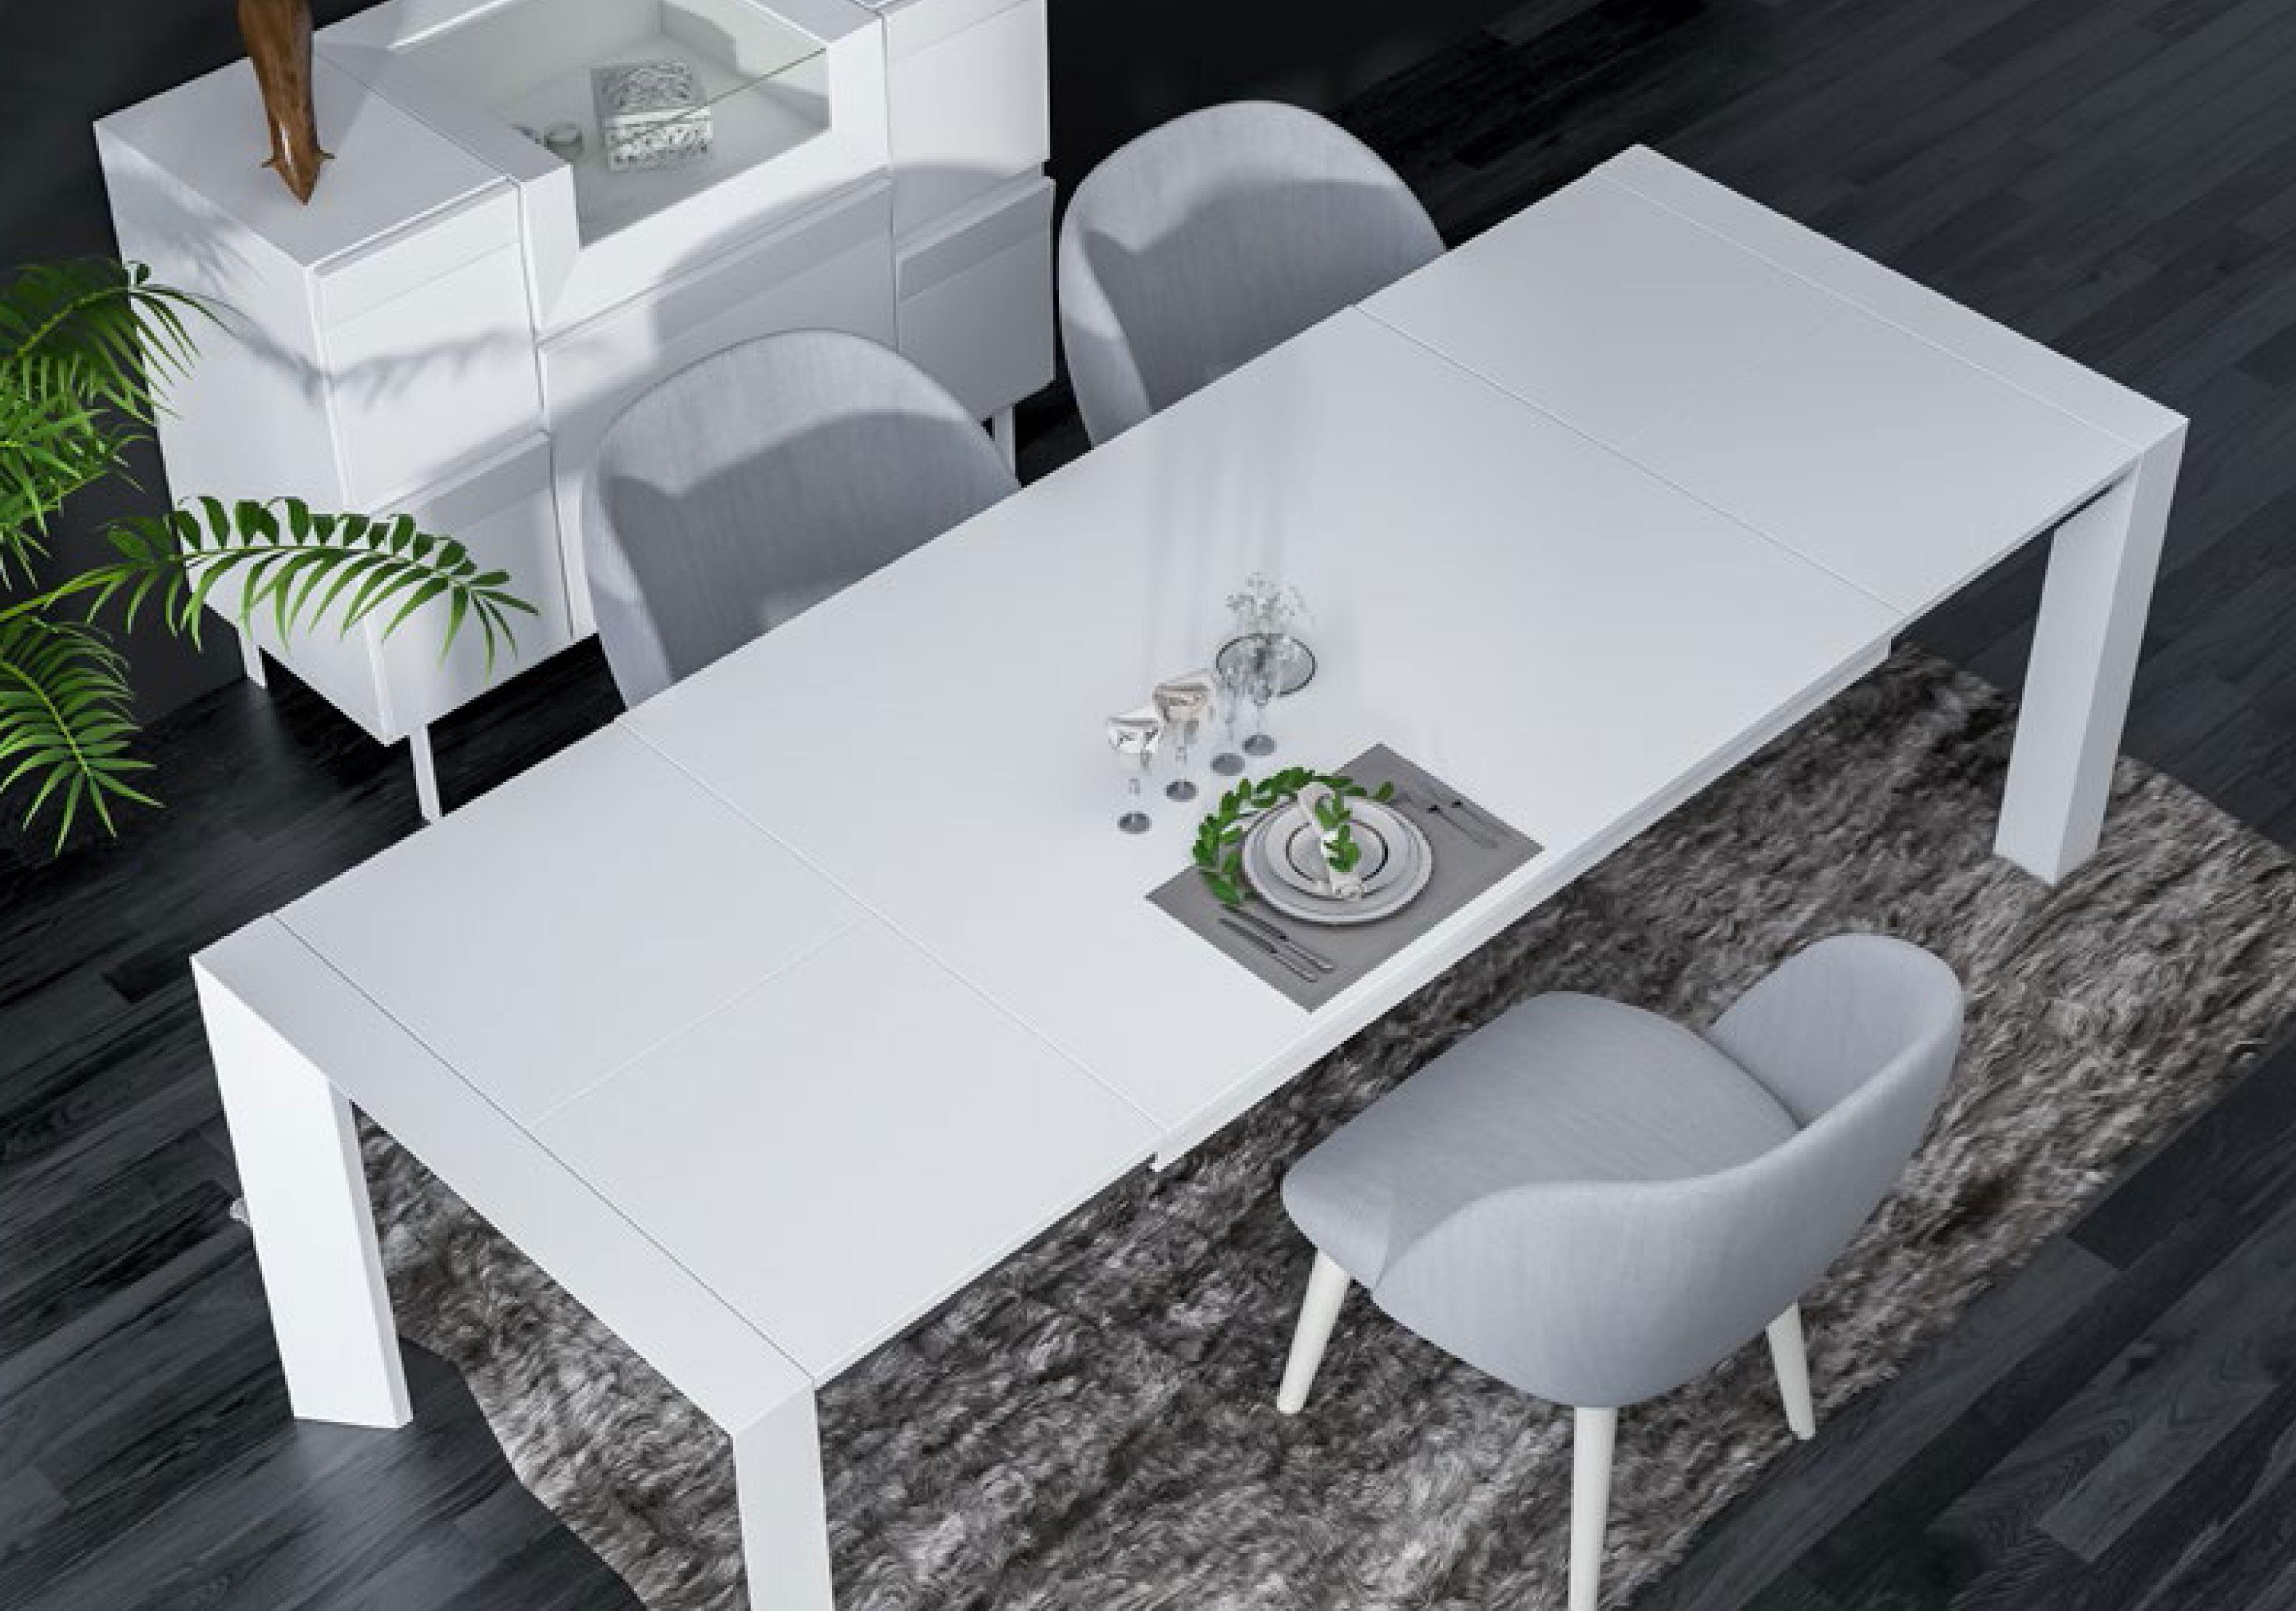 hache-salon-comedor-muebles-auxiliares-02